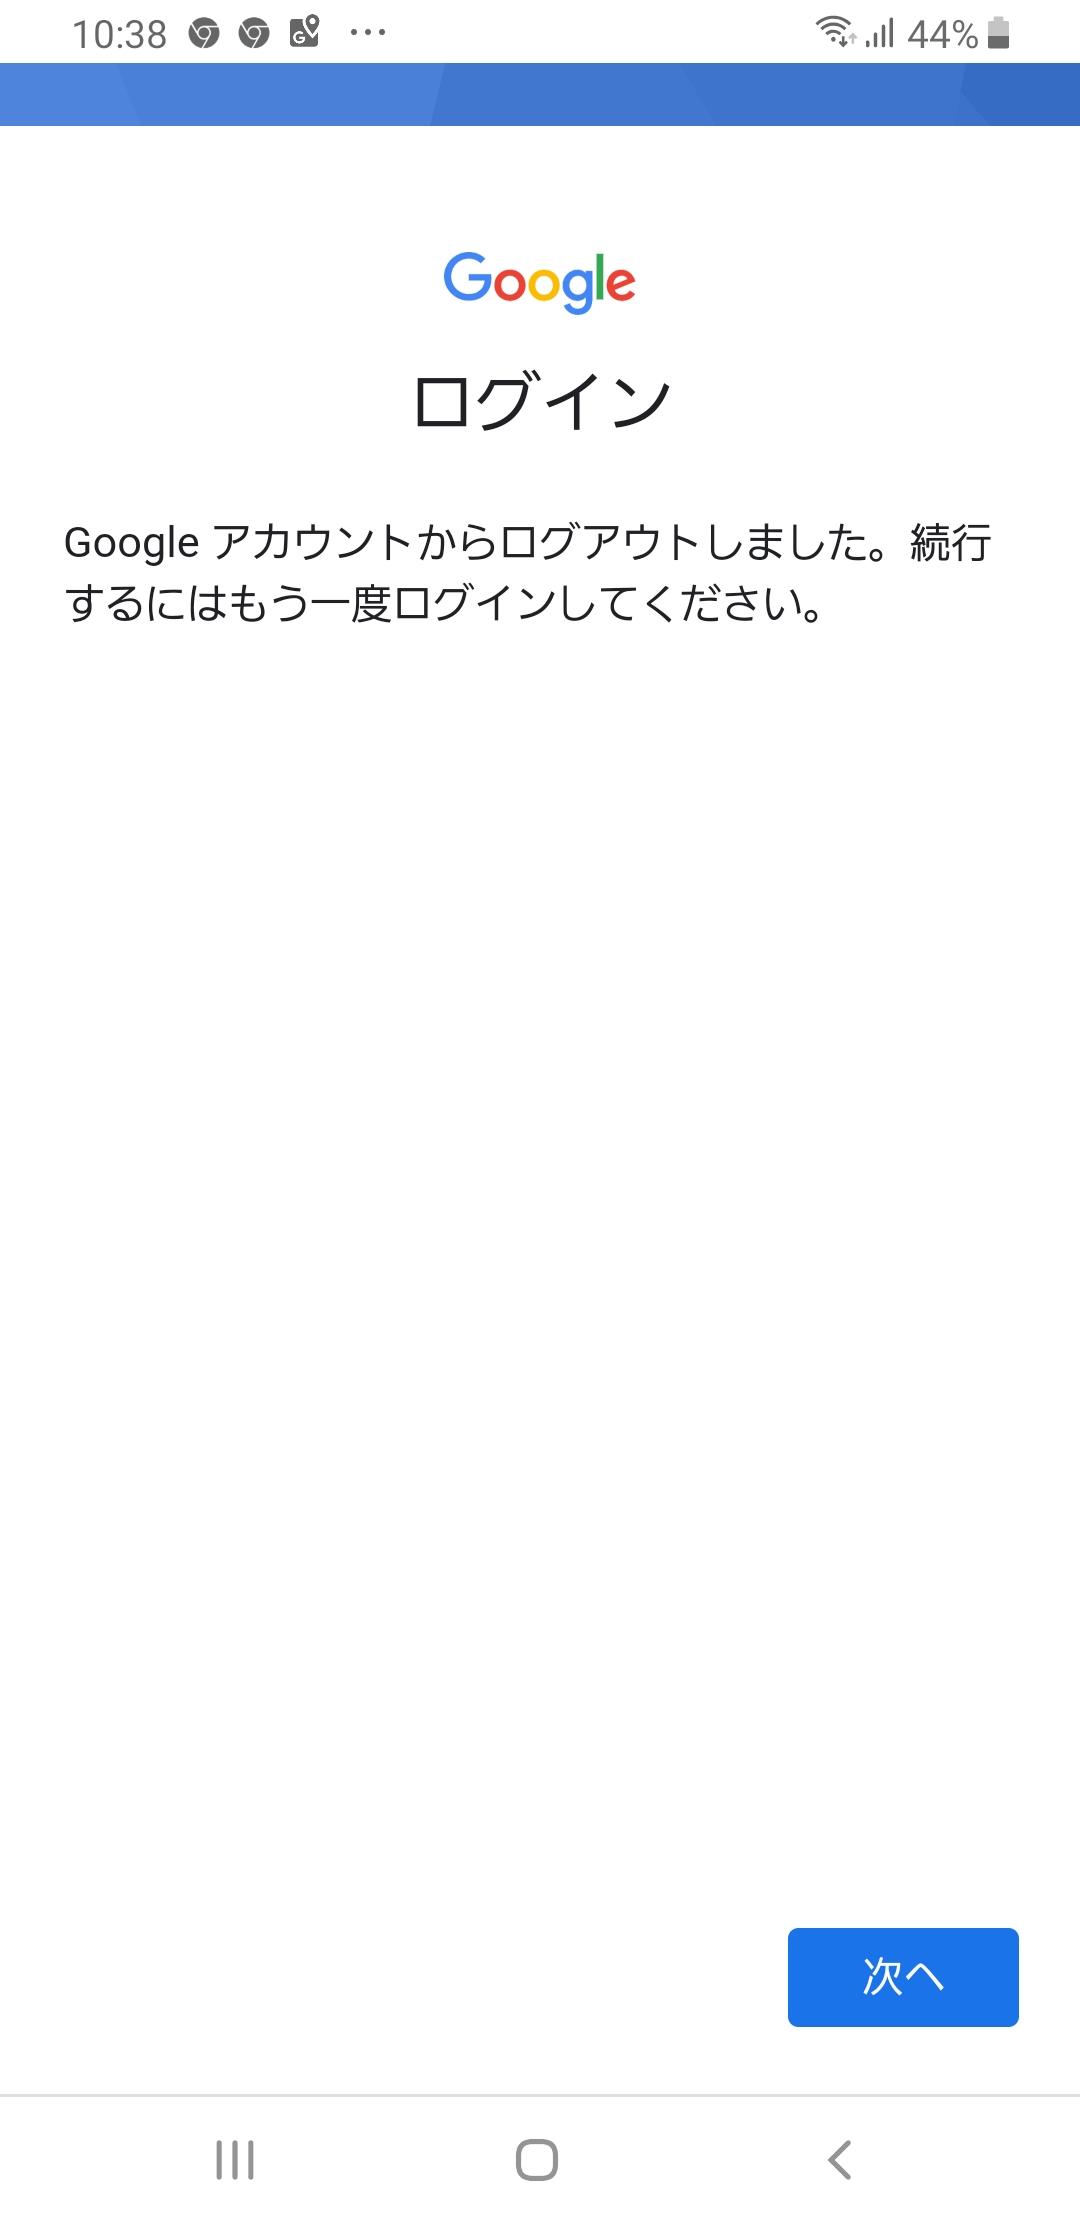 ポケモン go ログイン できない アカウント 情報